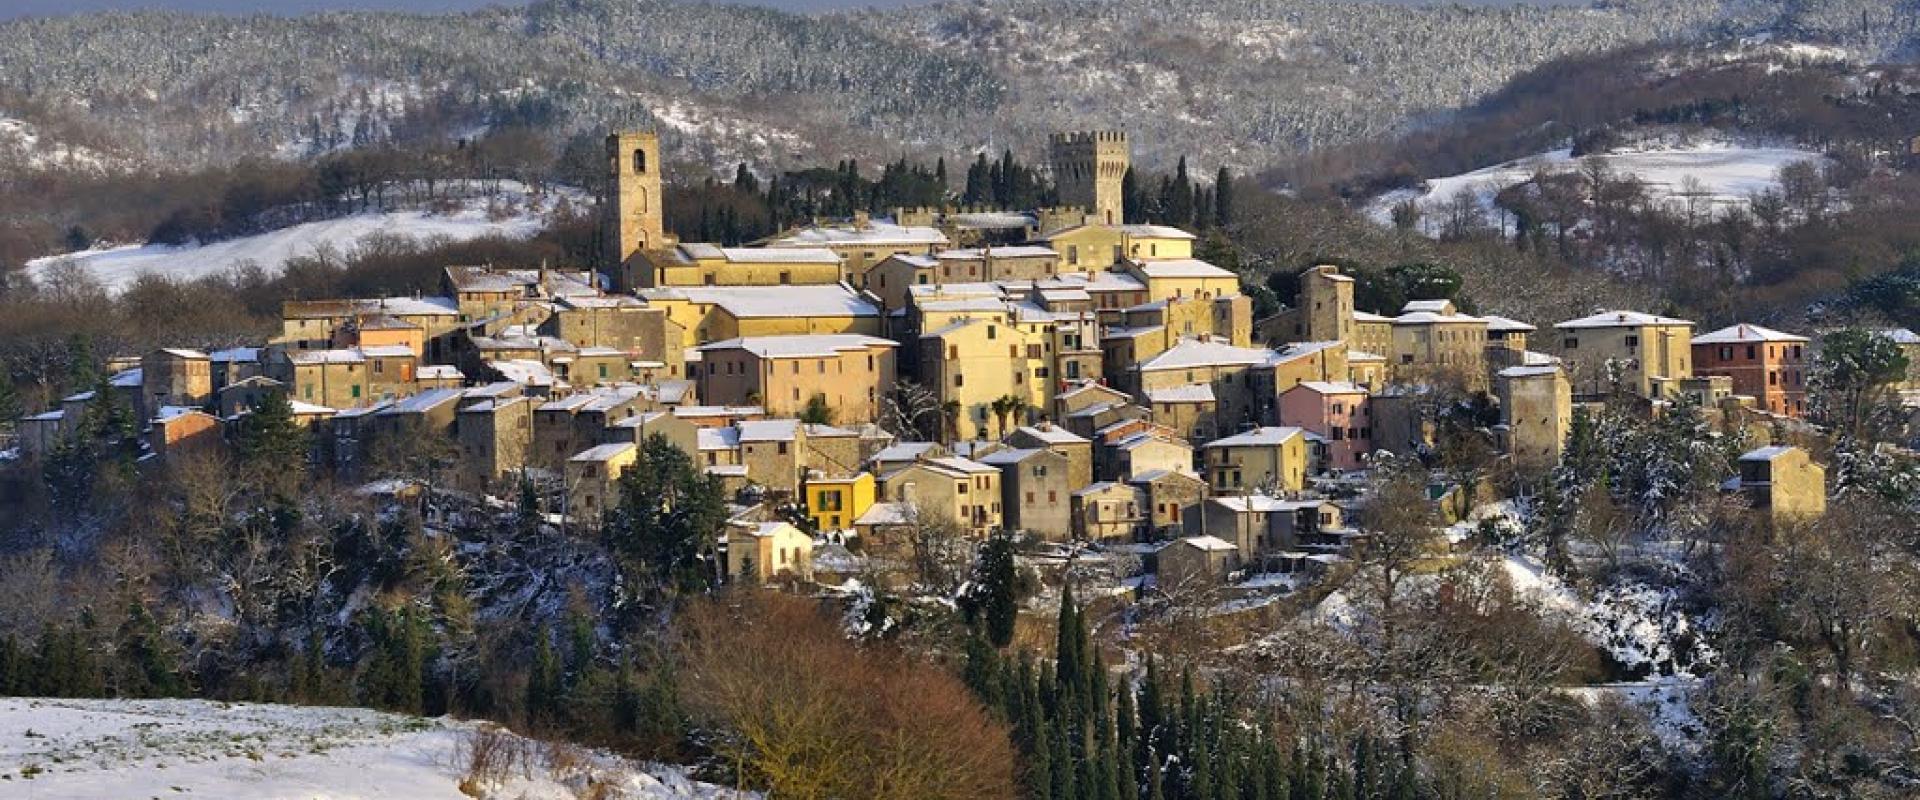 Visit of San Casciano dei Bagni | Borghi Italia Tour Network